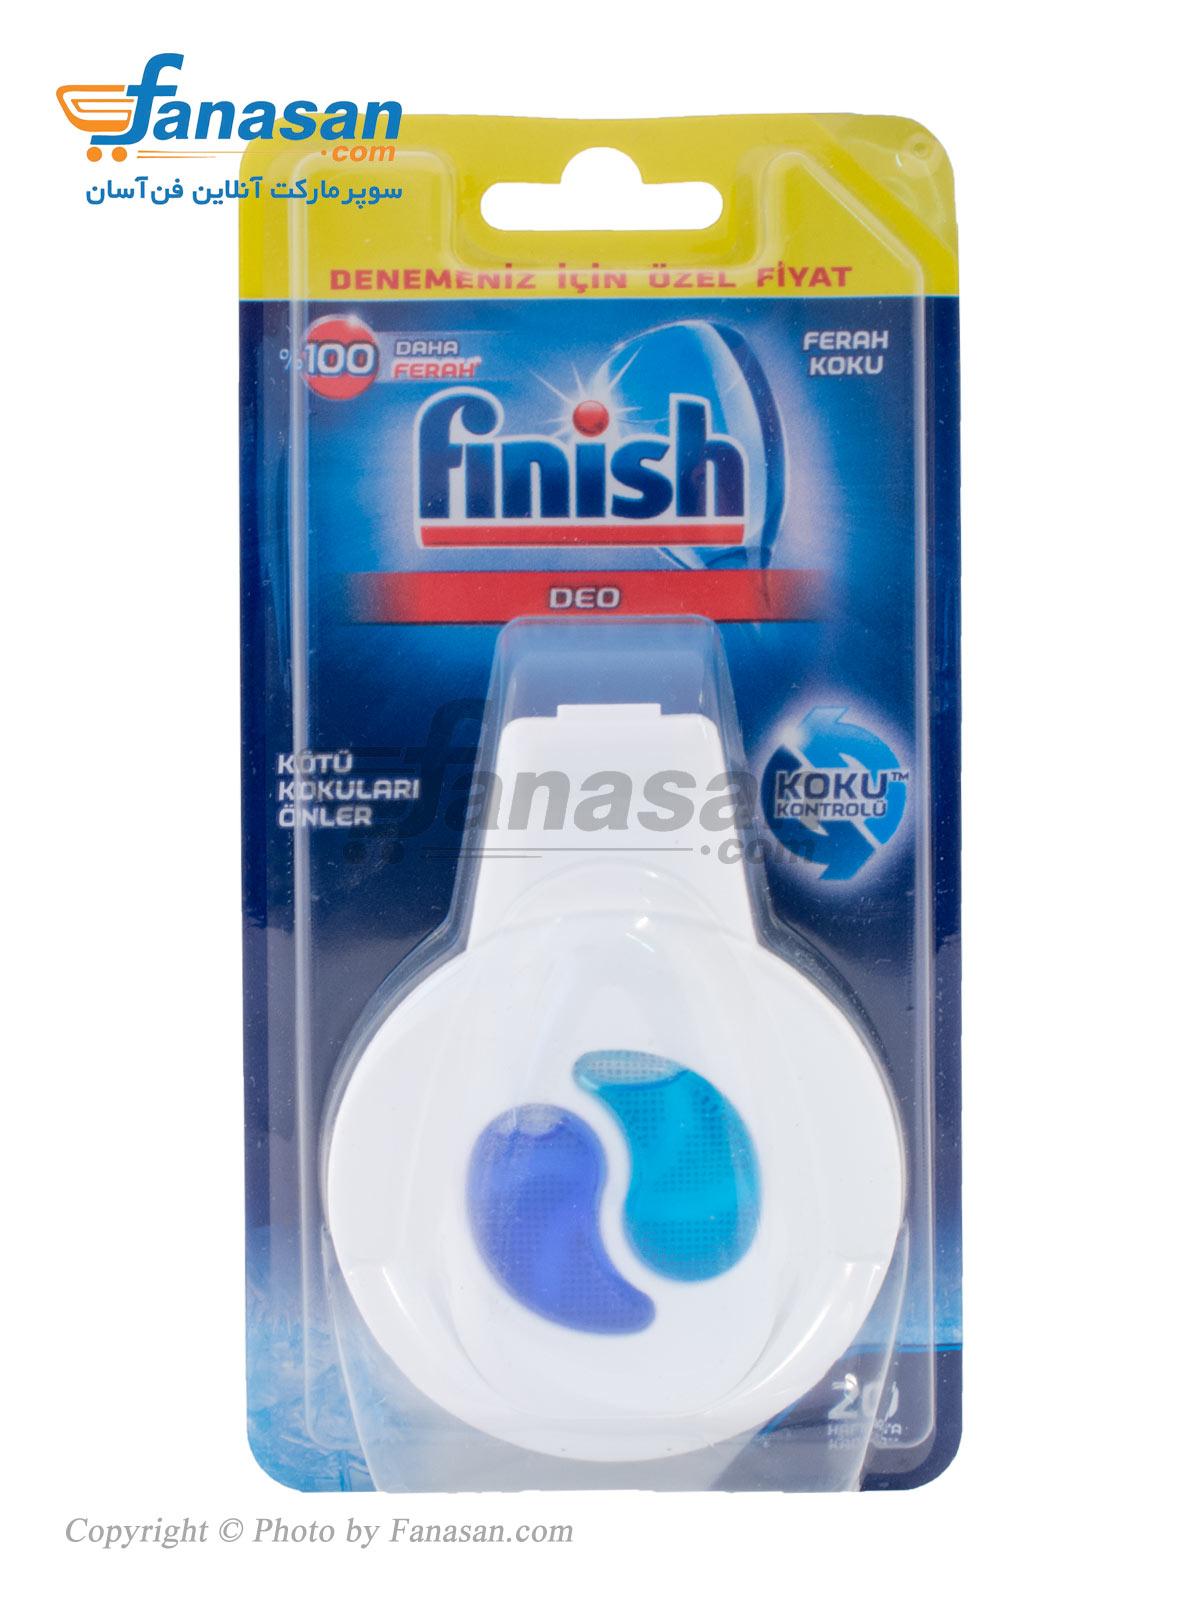 بوگیر و خوشبو کننده ماشین ظرفشویی فینیش